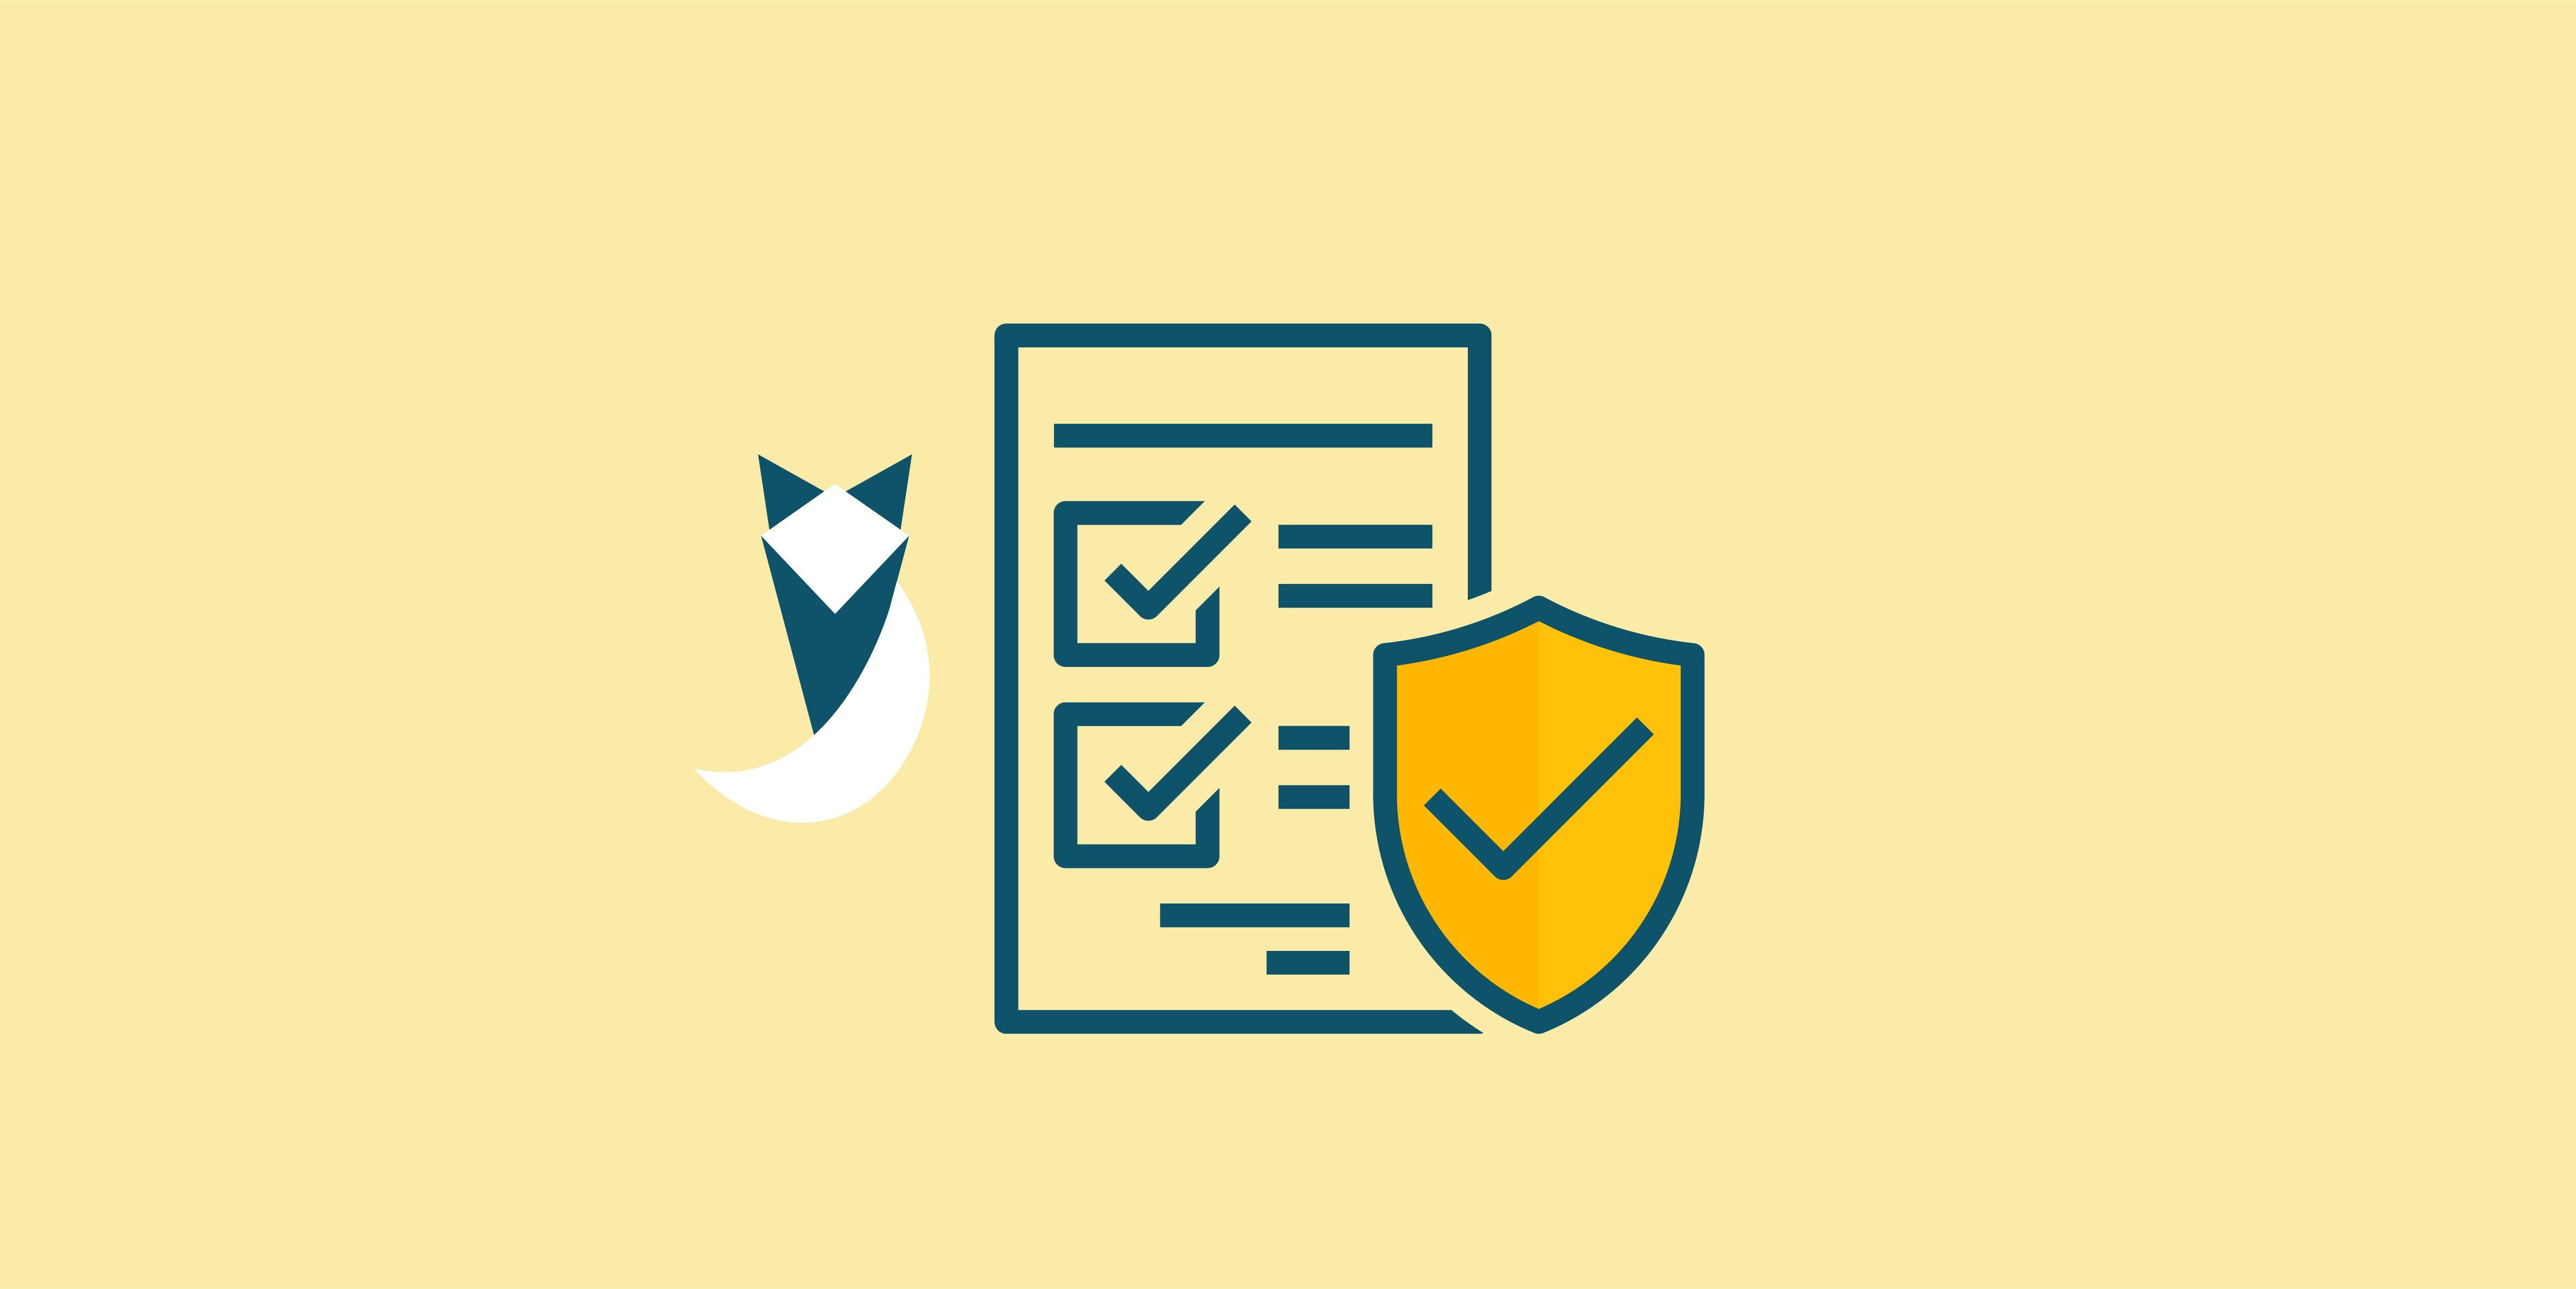 أهم المصطلحات التأمينية اللي هتساعدك لما تقدم على تأمين